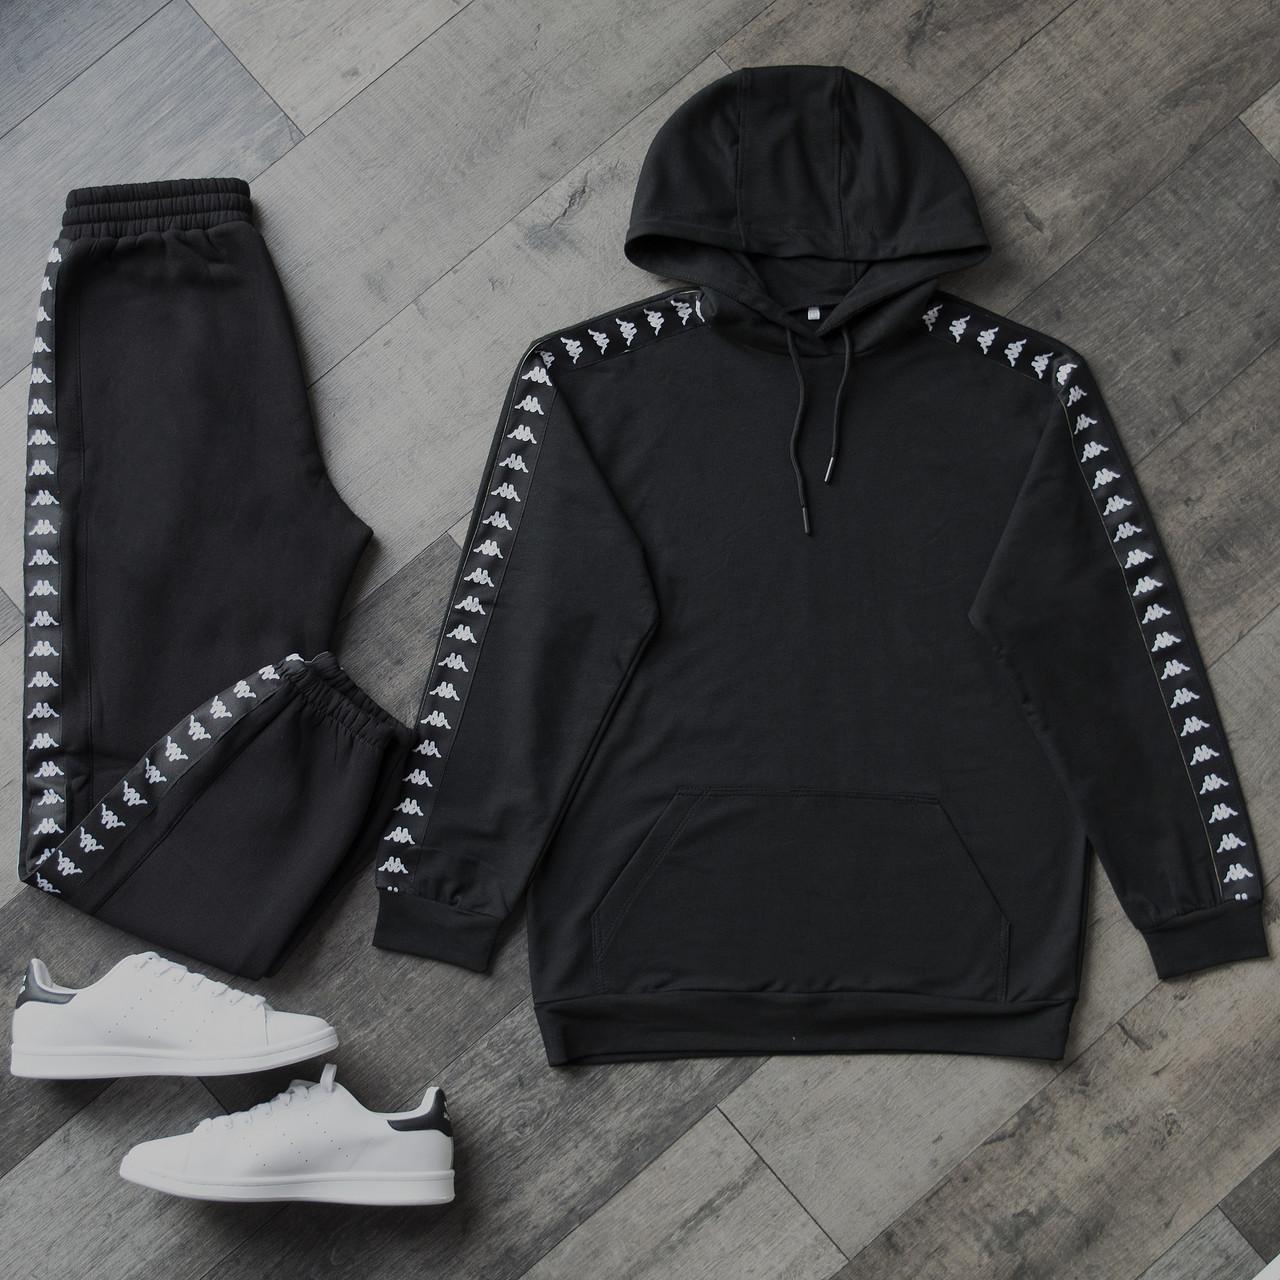 Спортивний костюм чоловічий чорний сезон весна/літо (весняний) в стилі Kappa (Каппа)